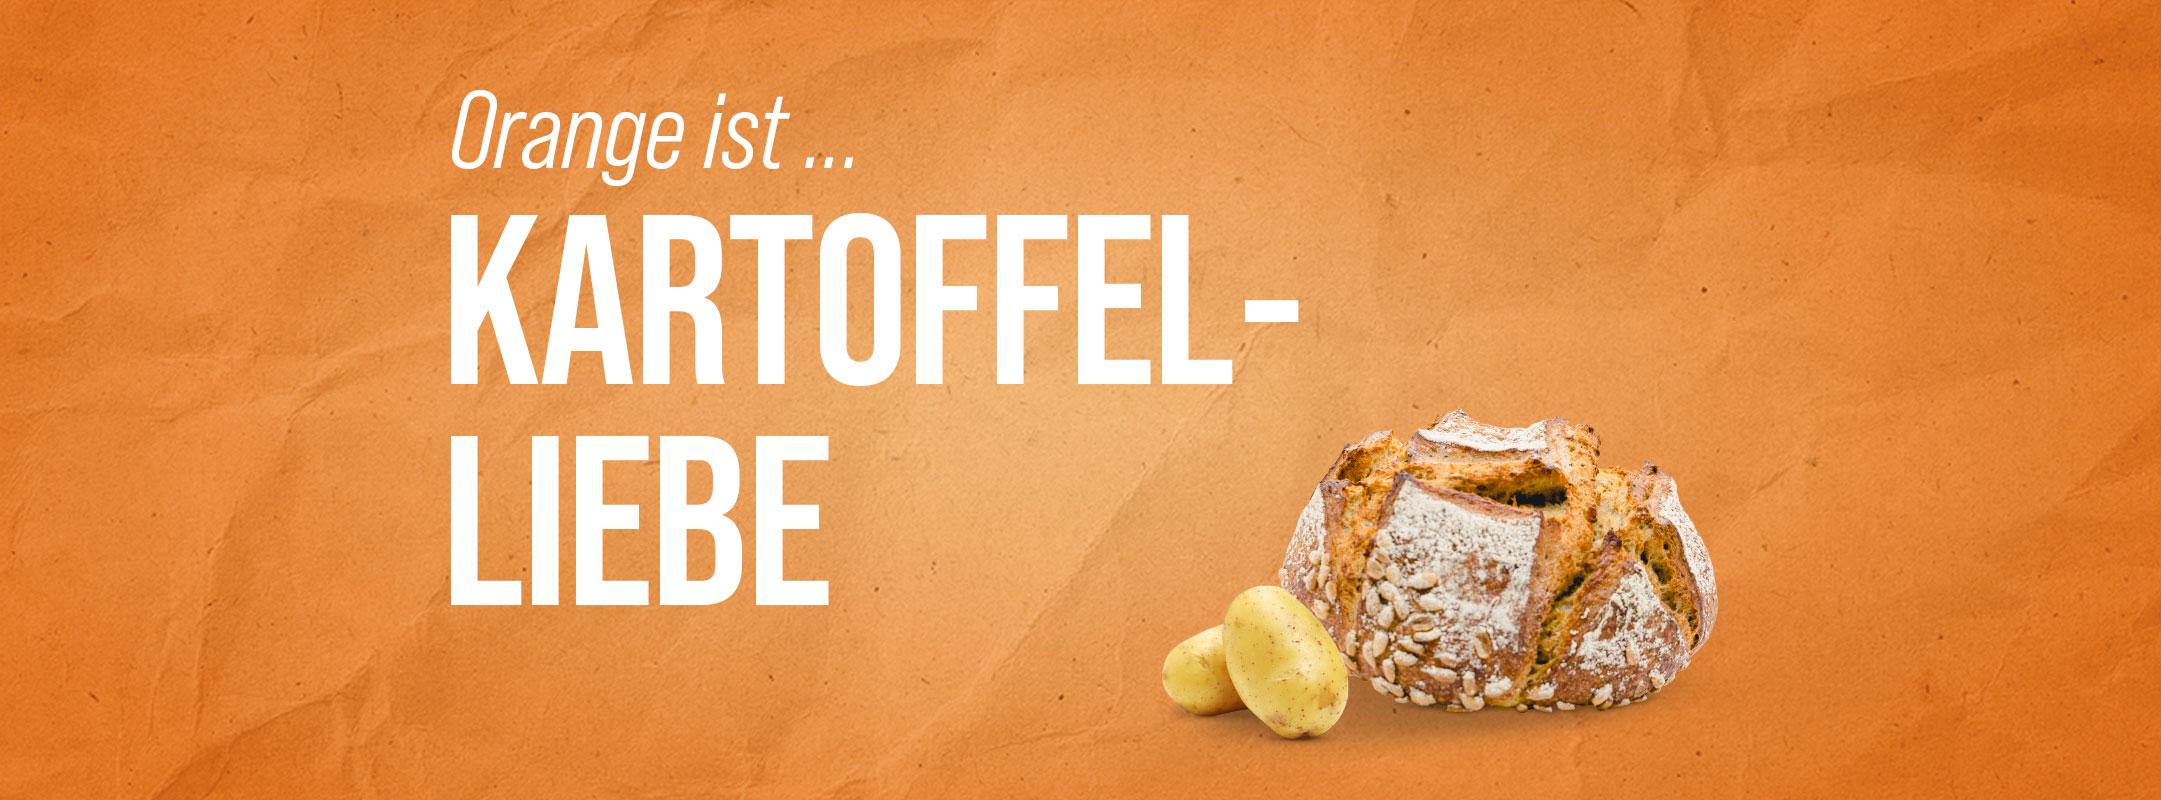 201201_Kartoffelbrot_fb_Header_2161x800